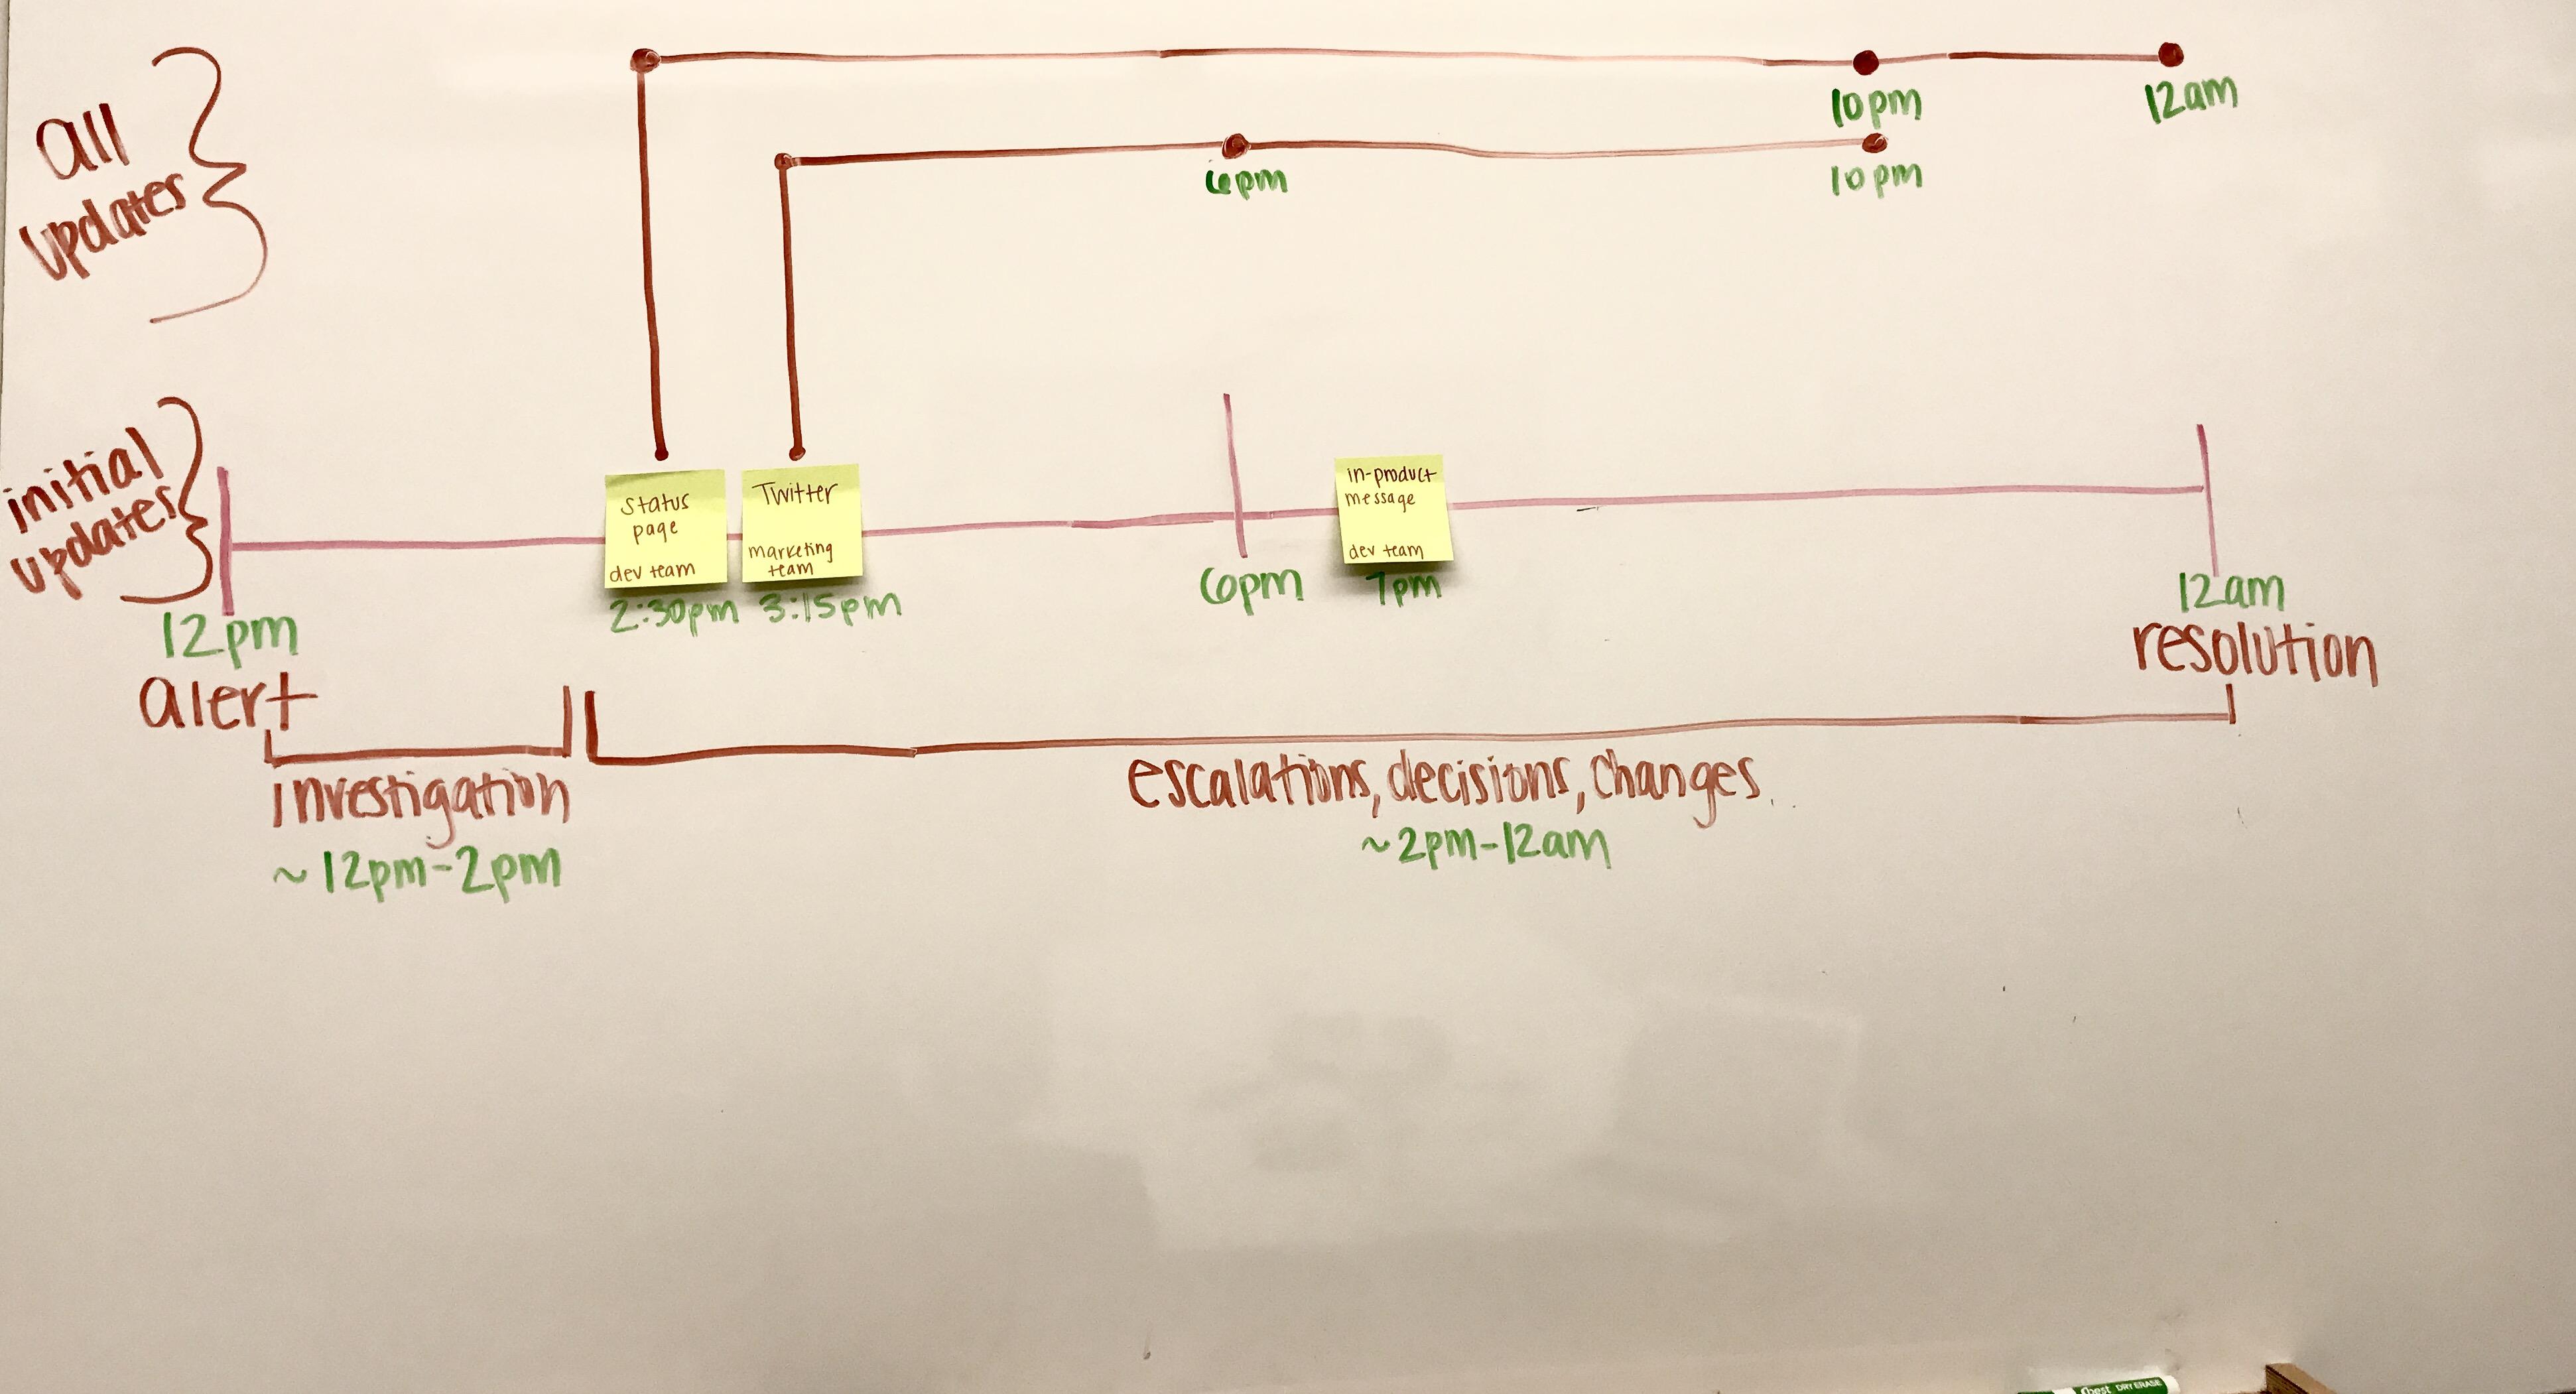 Ejemplo de cronograma de comunicación de respuesta ante incidentes